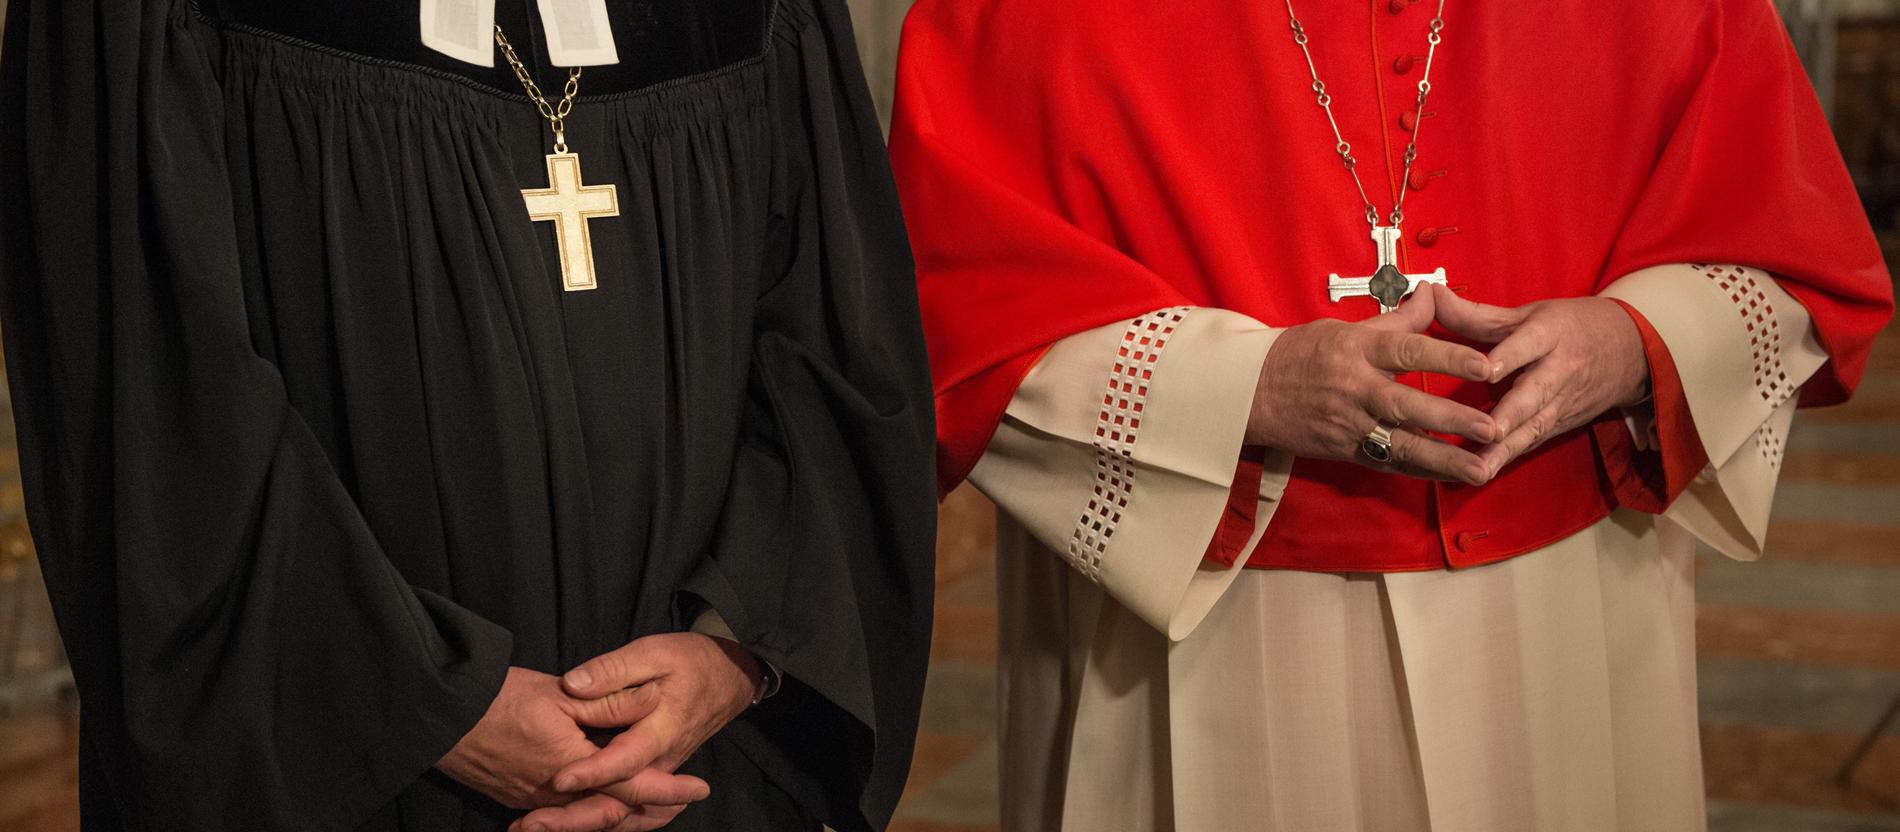 Katholisch Und Evangelisch Unterschied